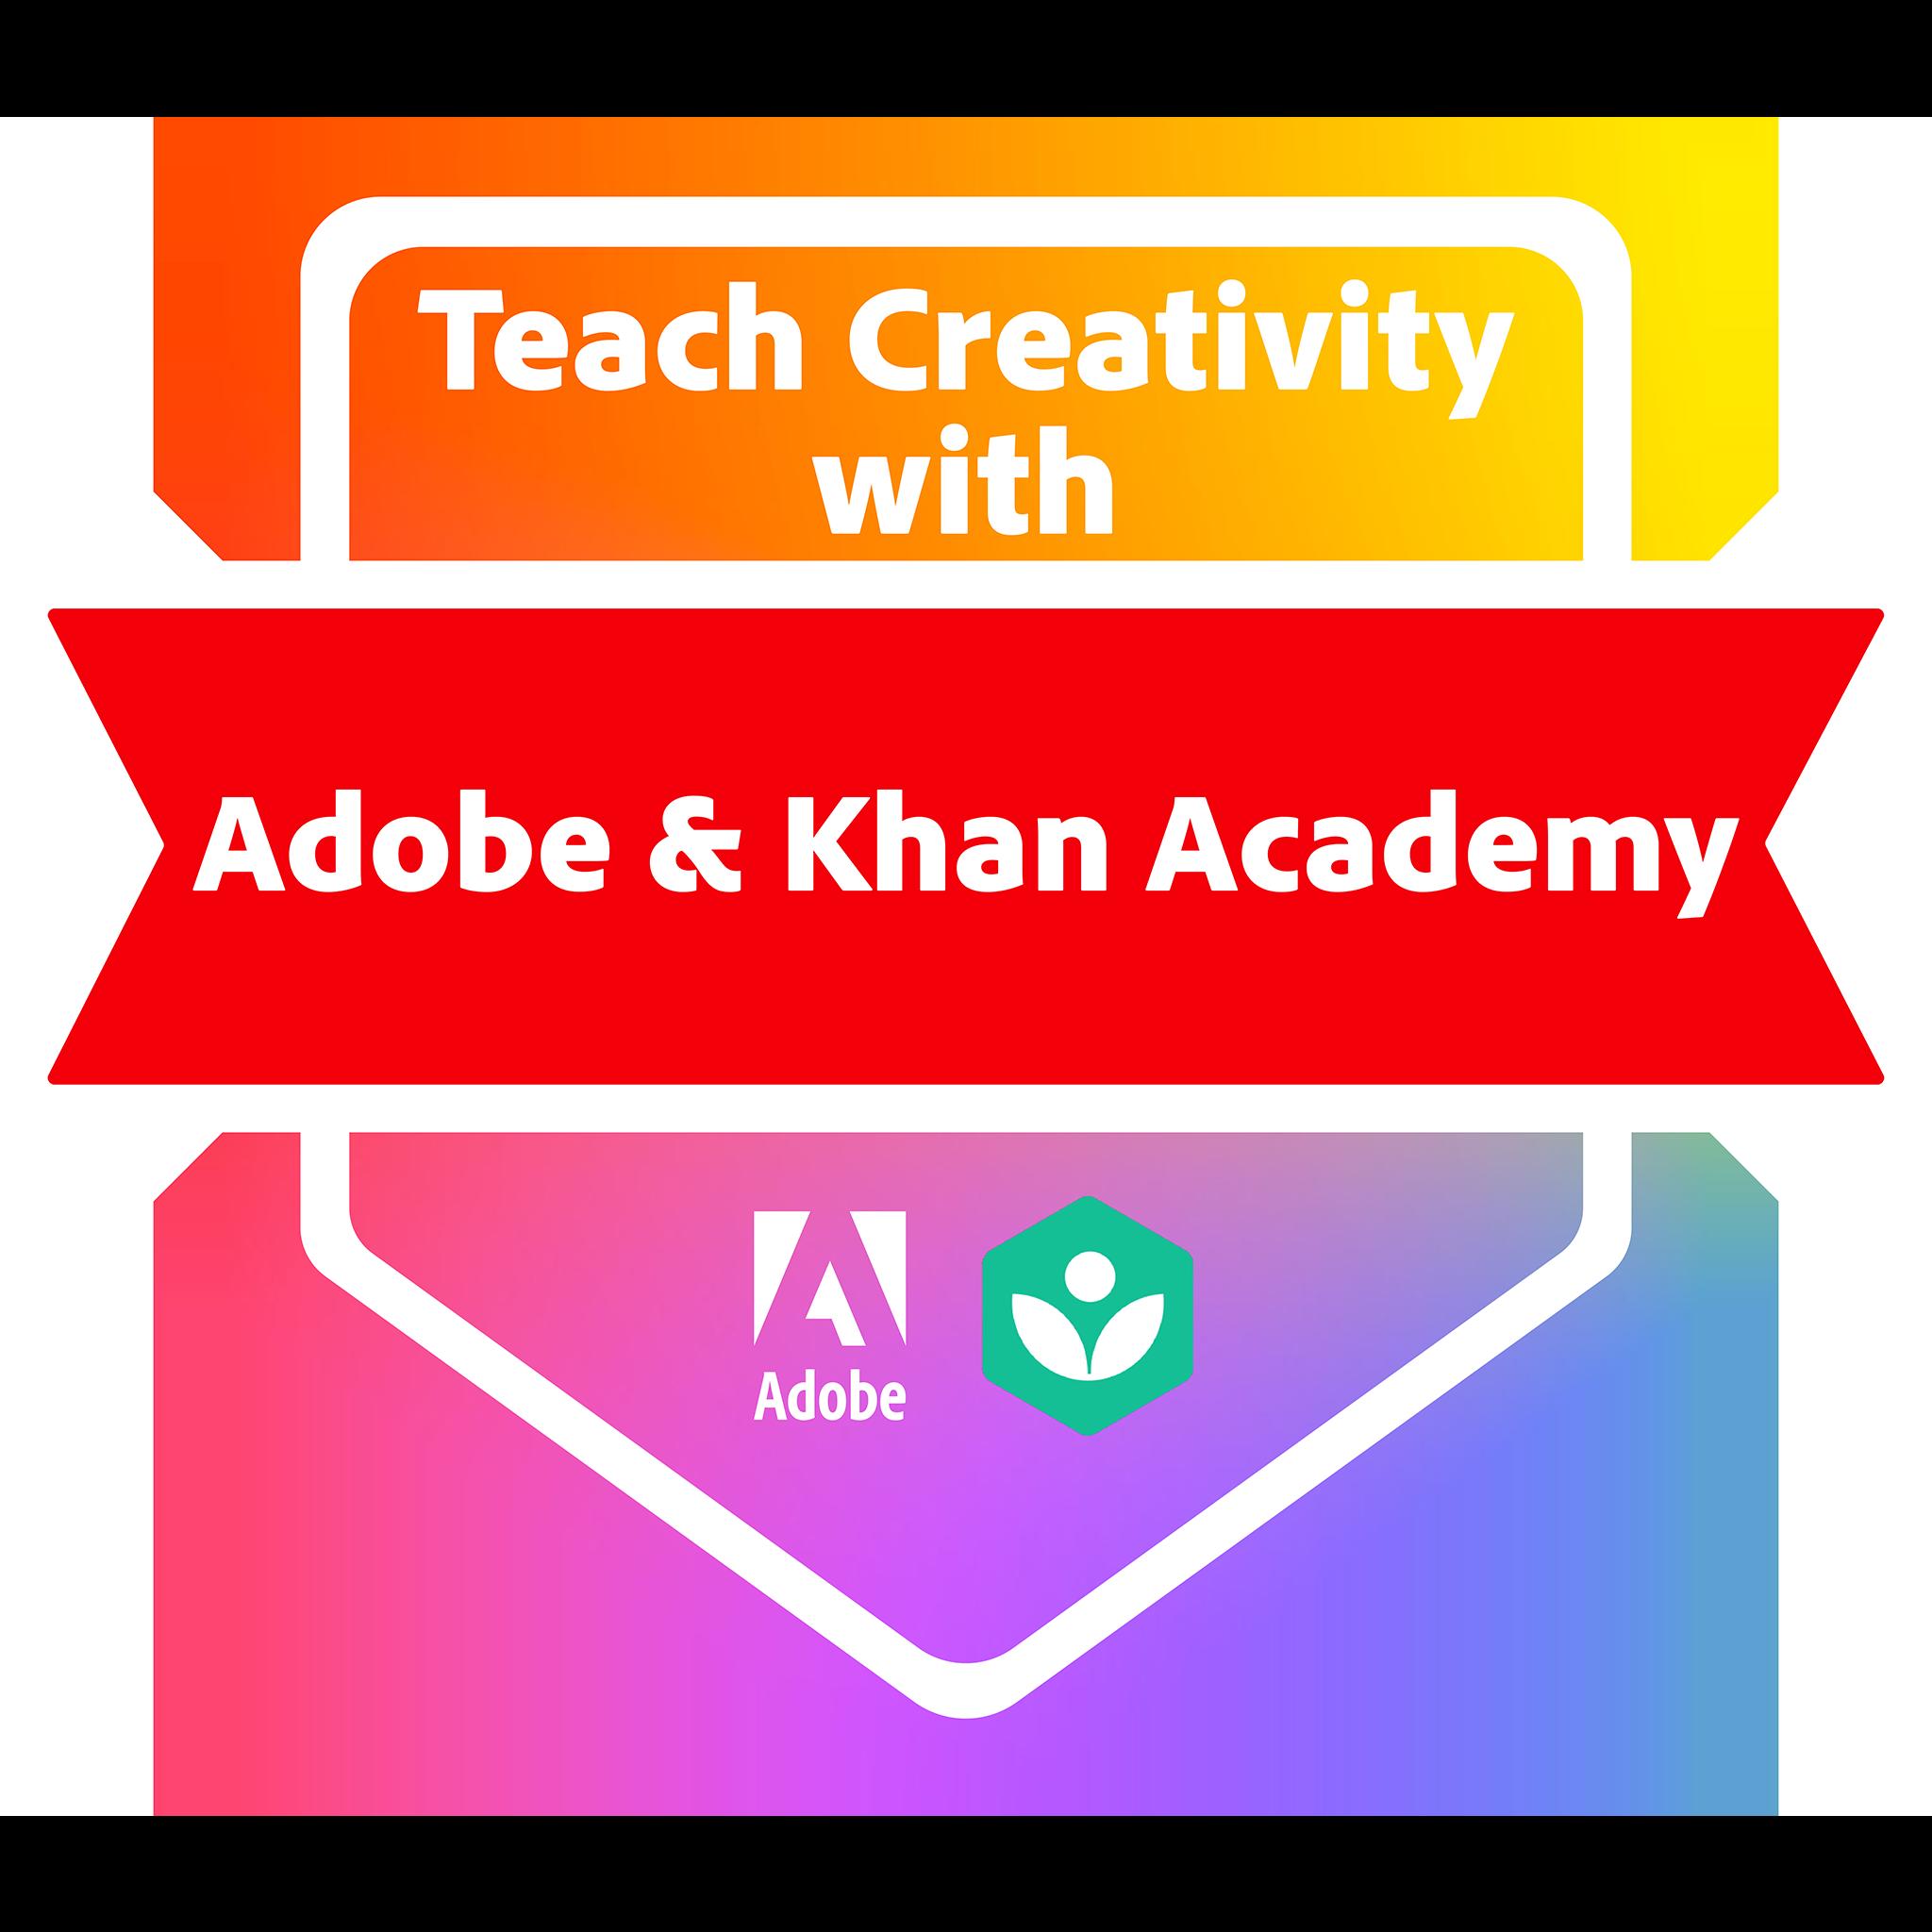 Teach Creativity with Adobe and Khan Academy